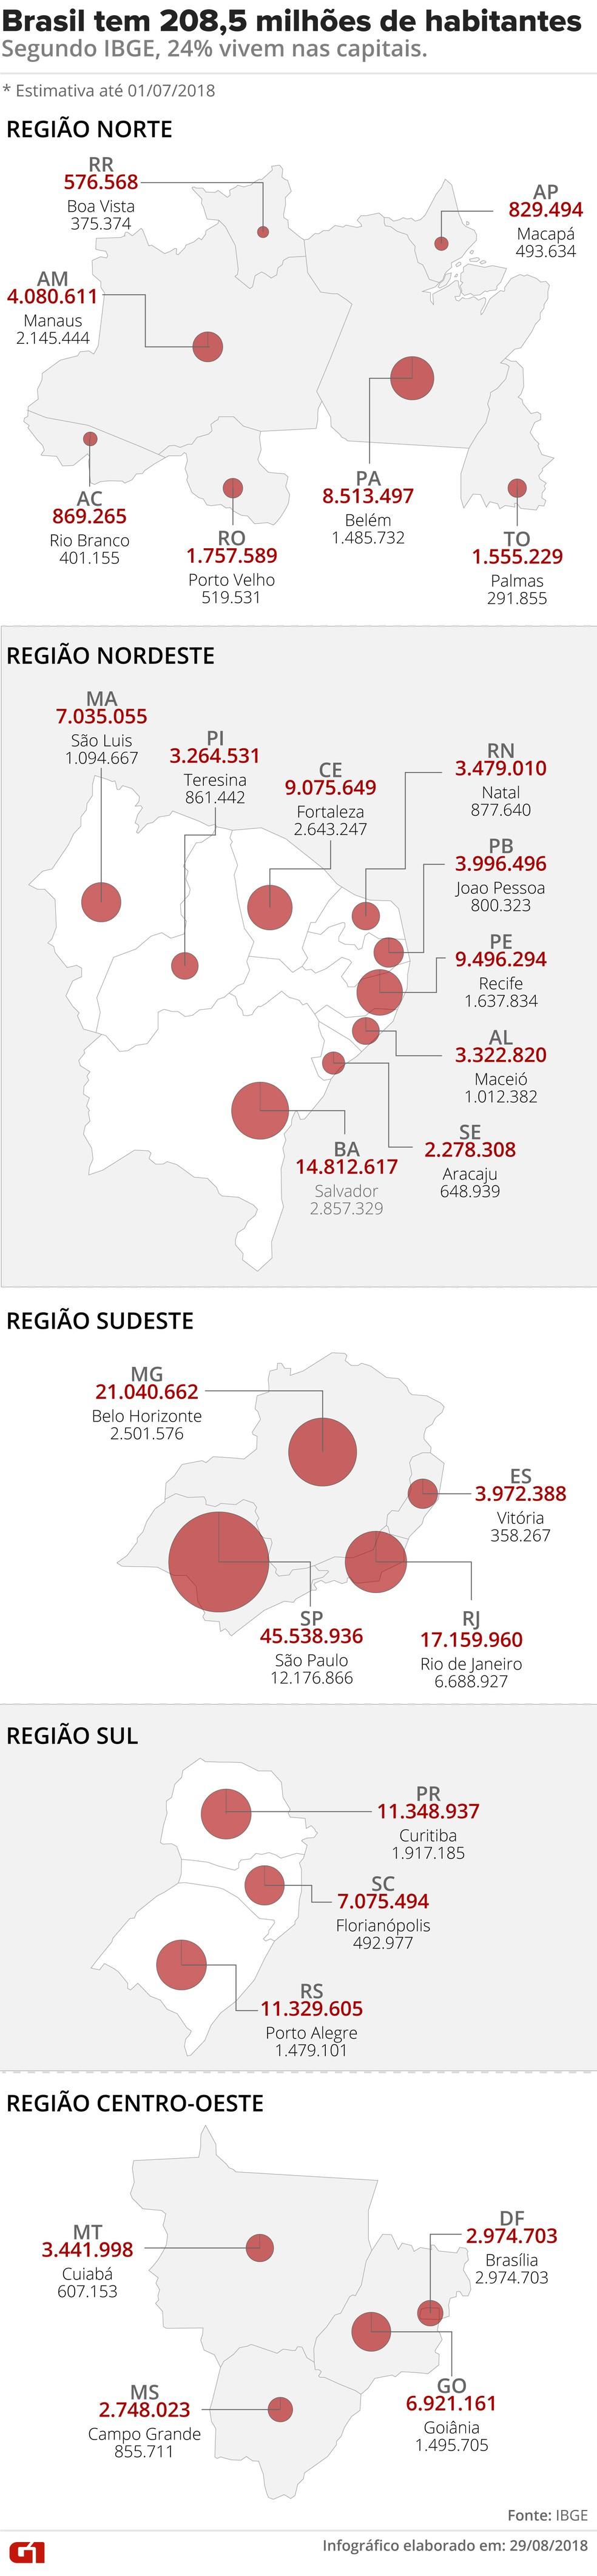 Arte mostra a divisão da população brasileira entre os estados e suas respectivas capitais. (Foto: Cláudia Peixoto/G1)